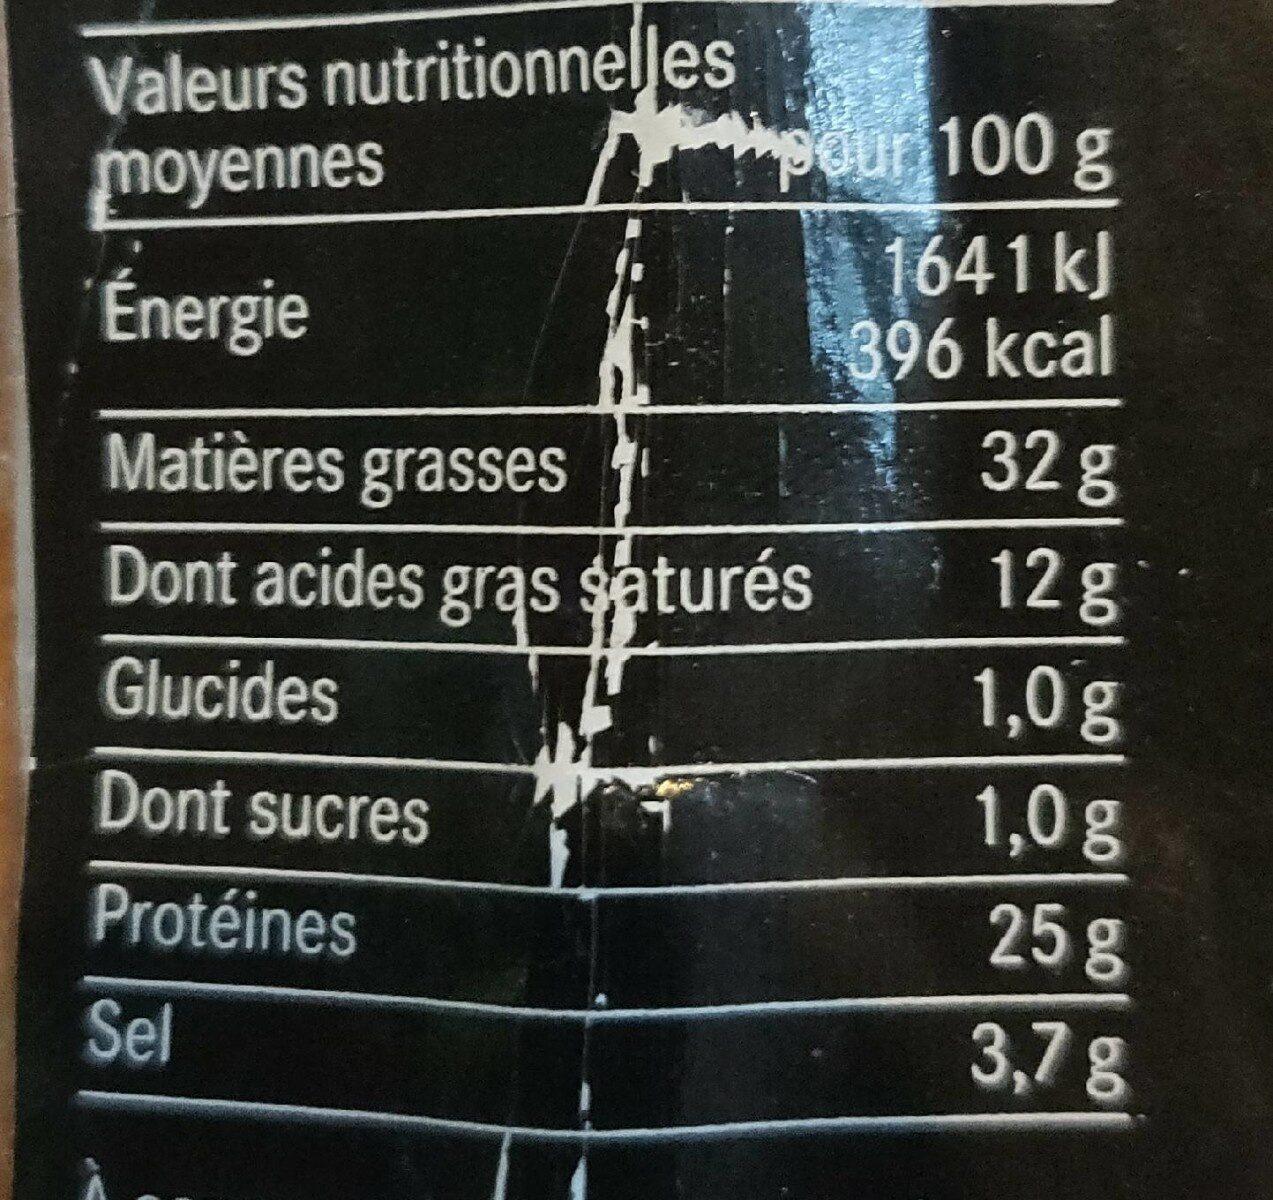 Saucisson sec aux chanterelles - Informations nutritionnelles - fr